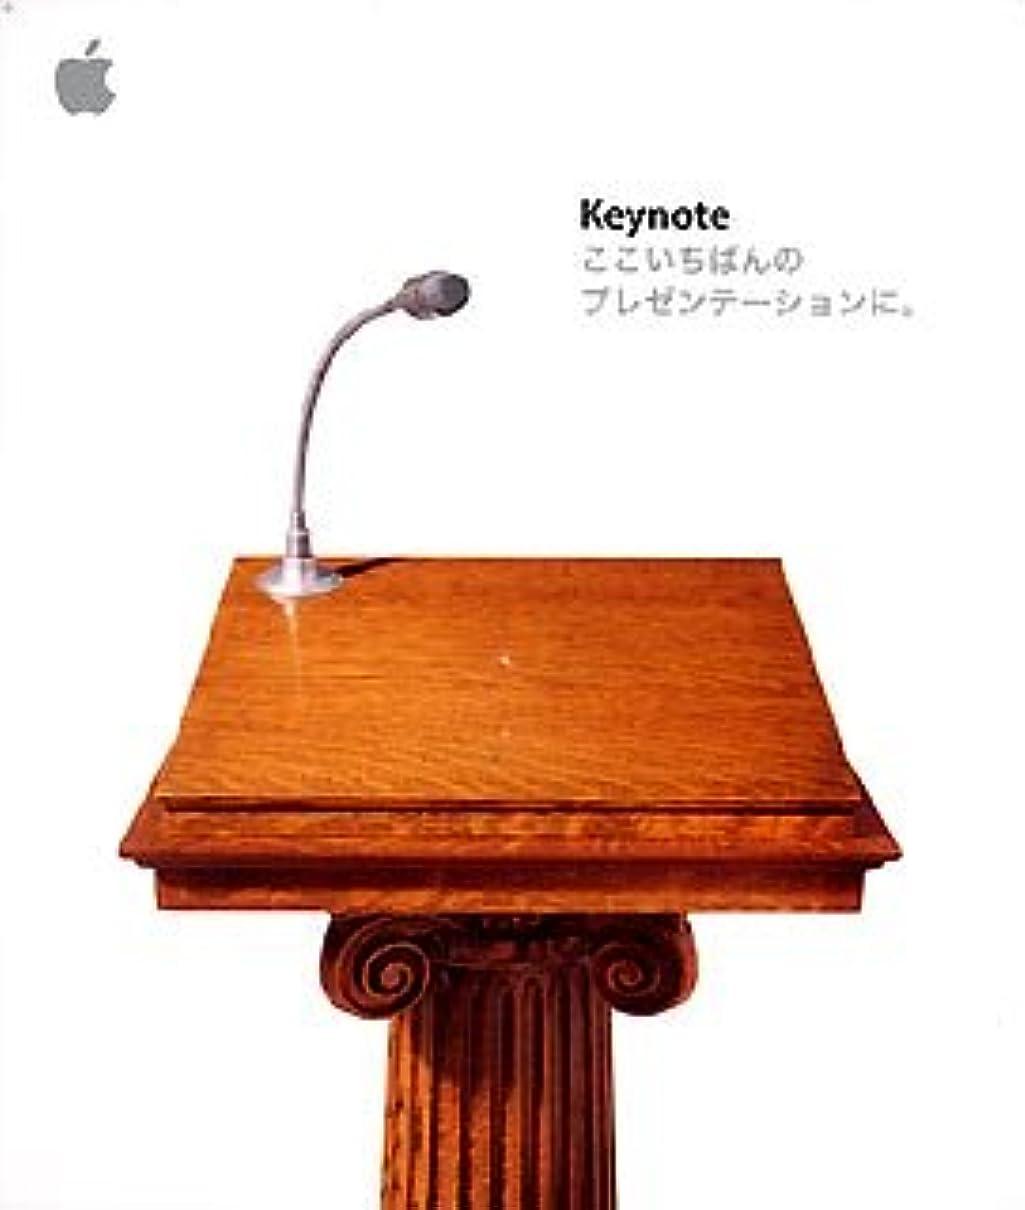 Keynote 1.0 日本語版